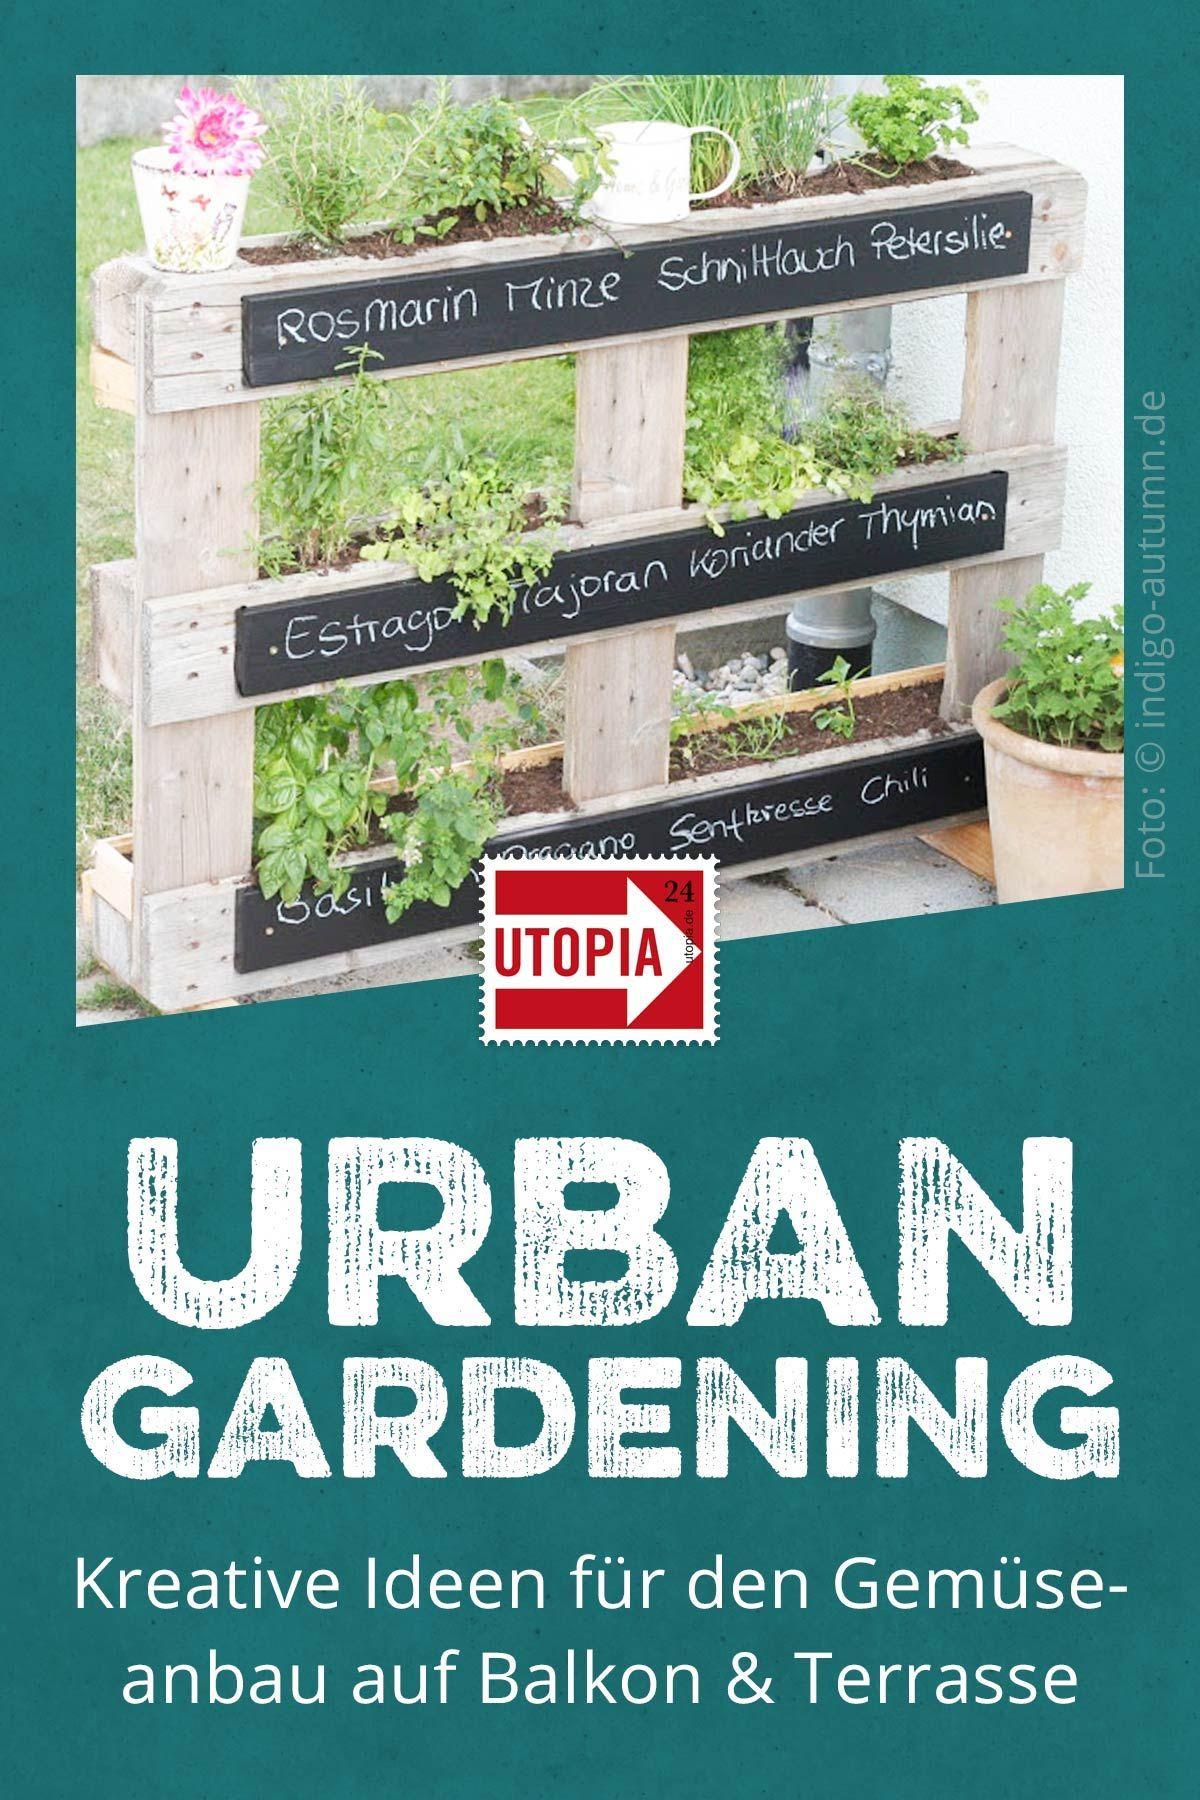 Diese Ideen machen Lust auf eigenes Gemüse auf deinem Balkon